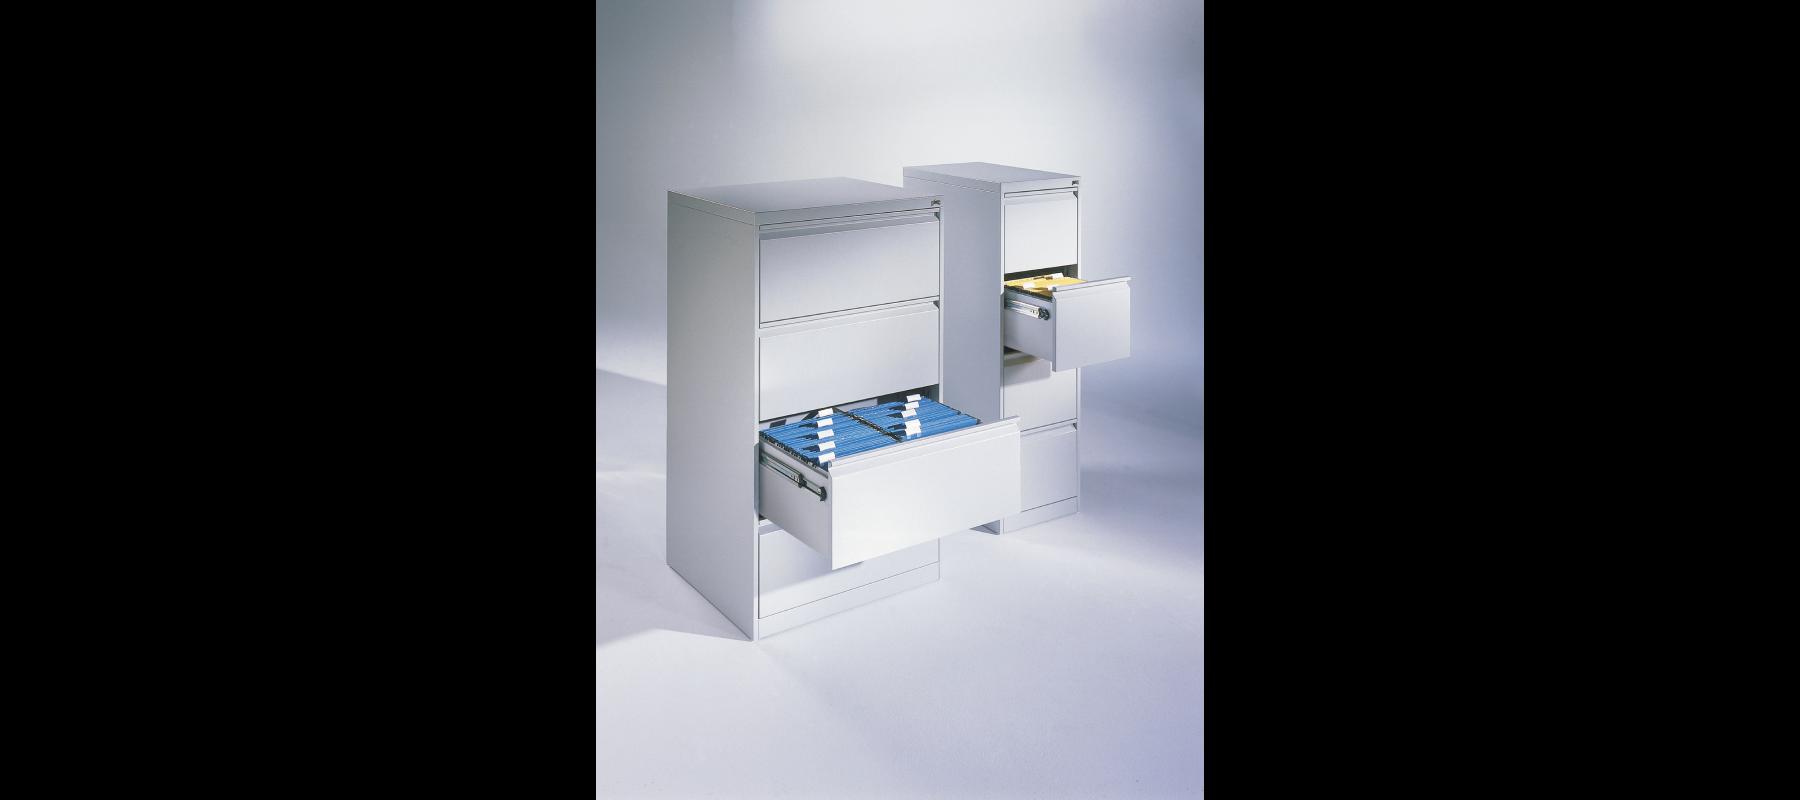 metalowe meble biurowe szafy szufladowe cp aranżacja - 06